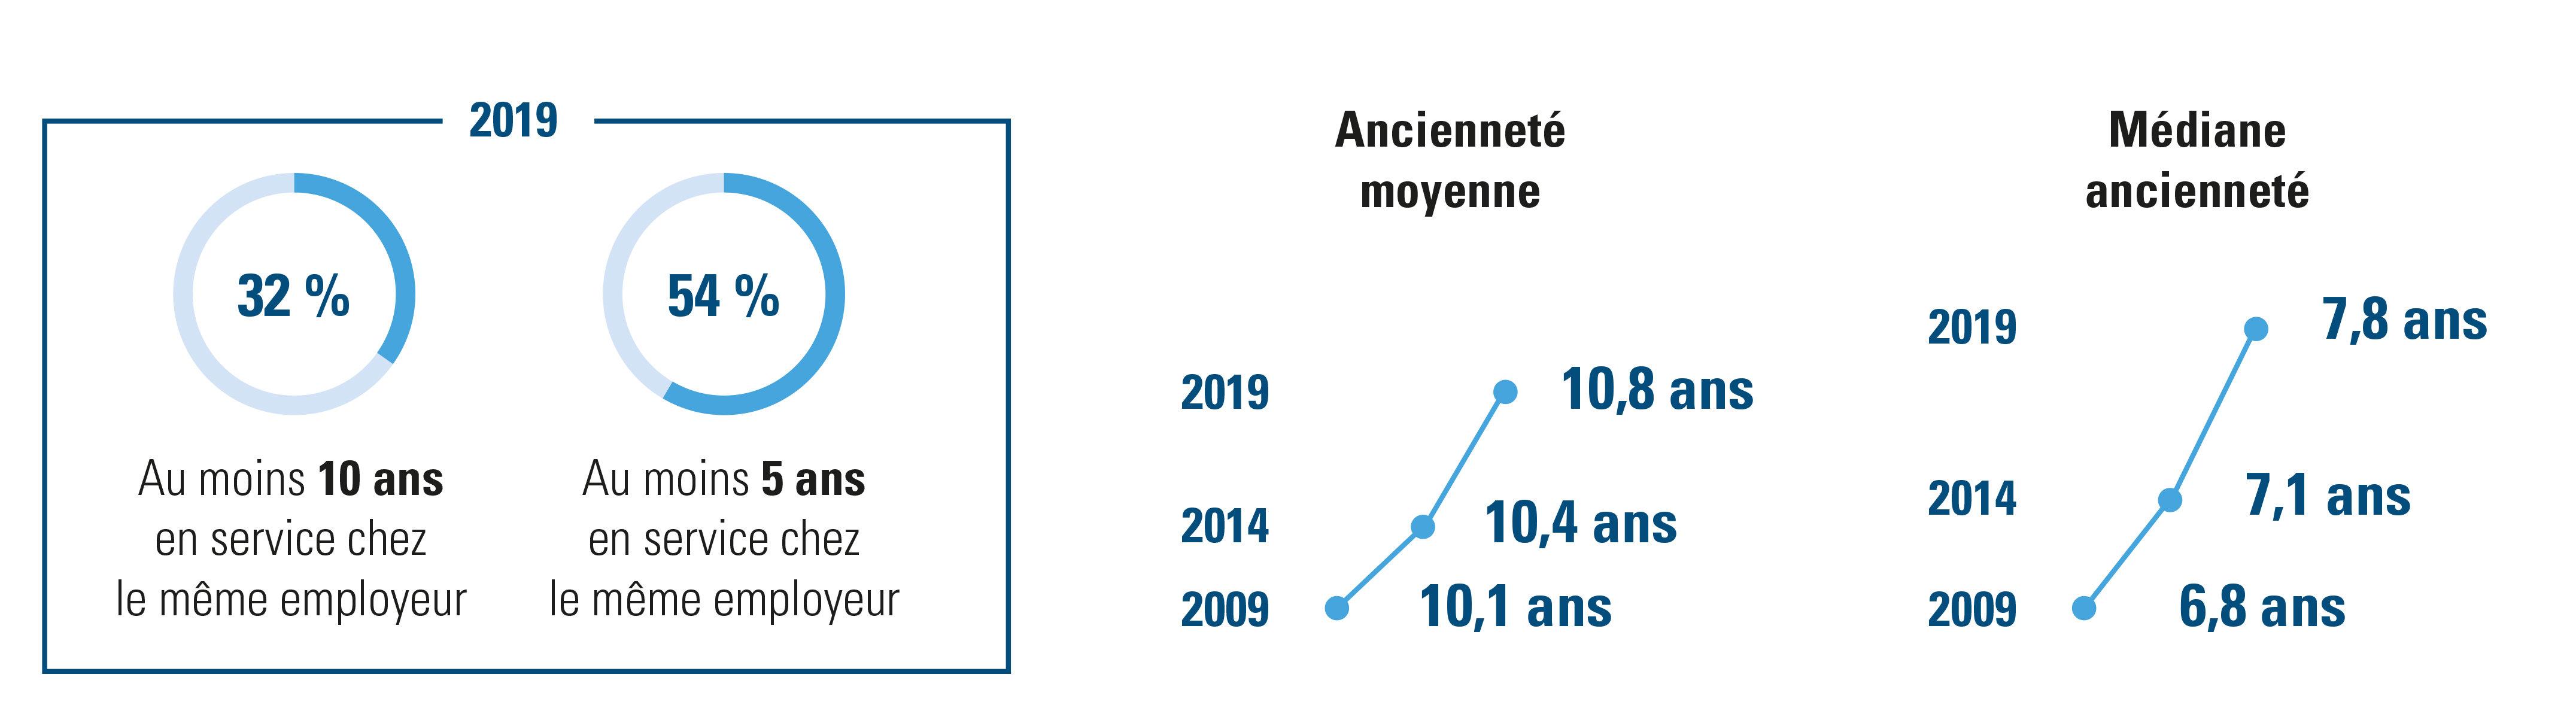 ancienneté du travailleur belge en 2019